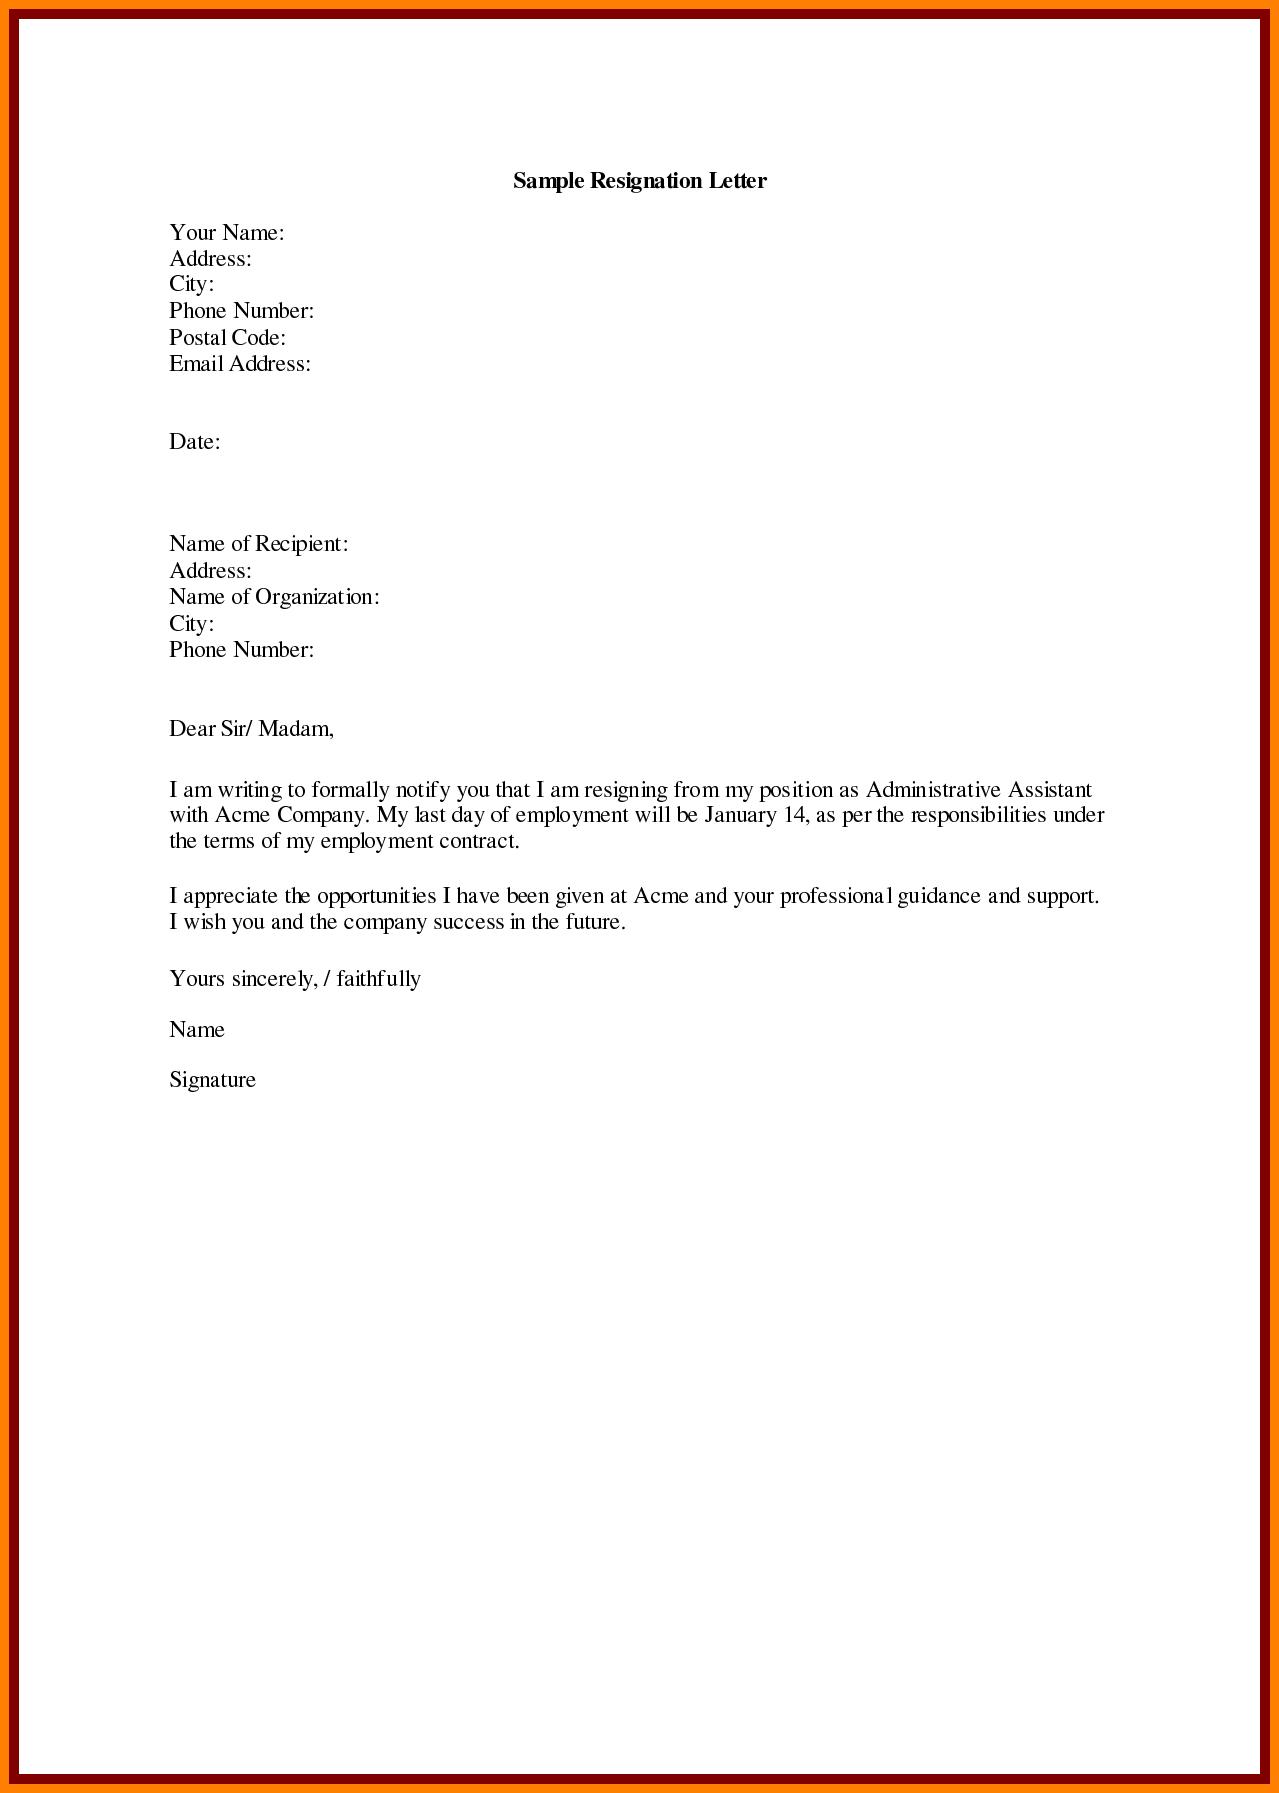 Immediate Resignation Letter Template - Immediate Resignation Letter for Personal Reasons Resination Sample